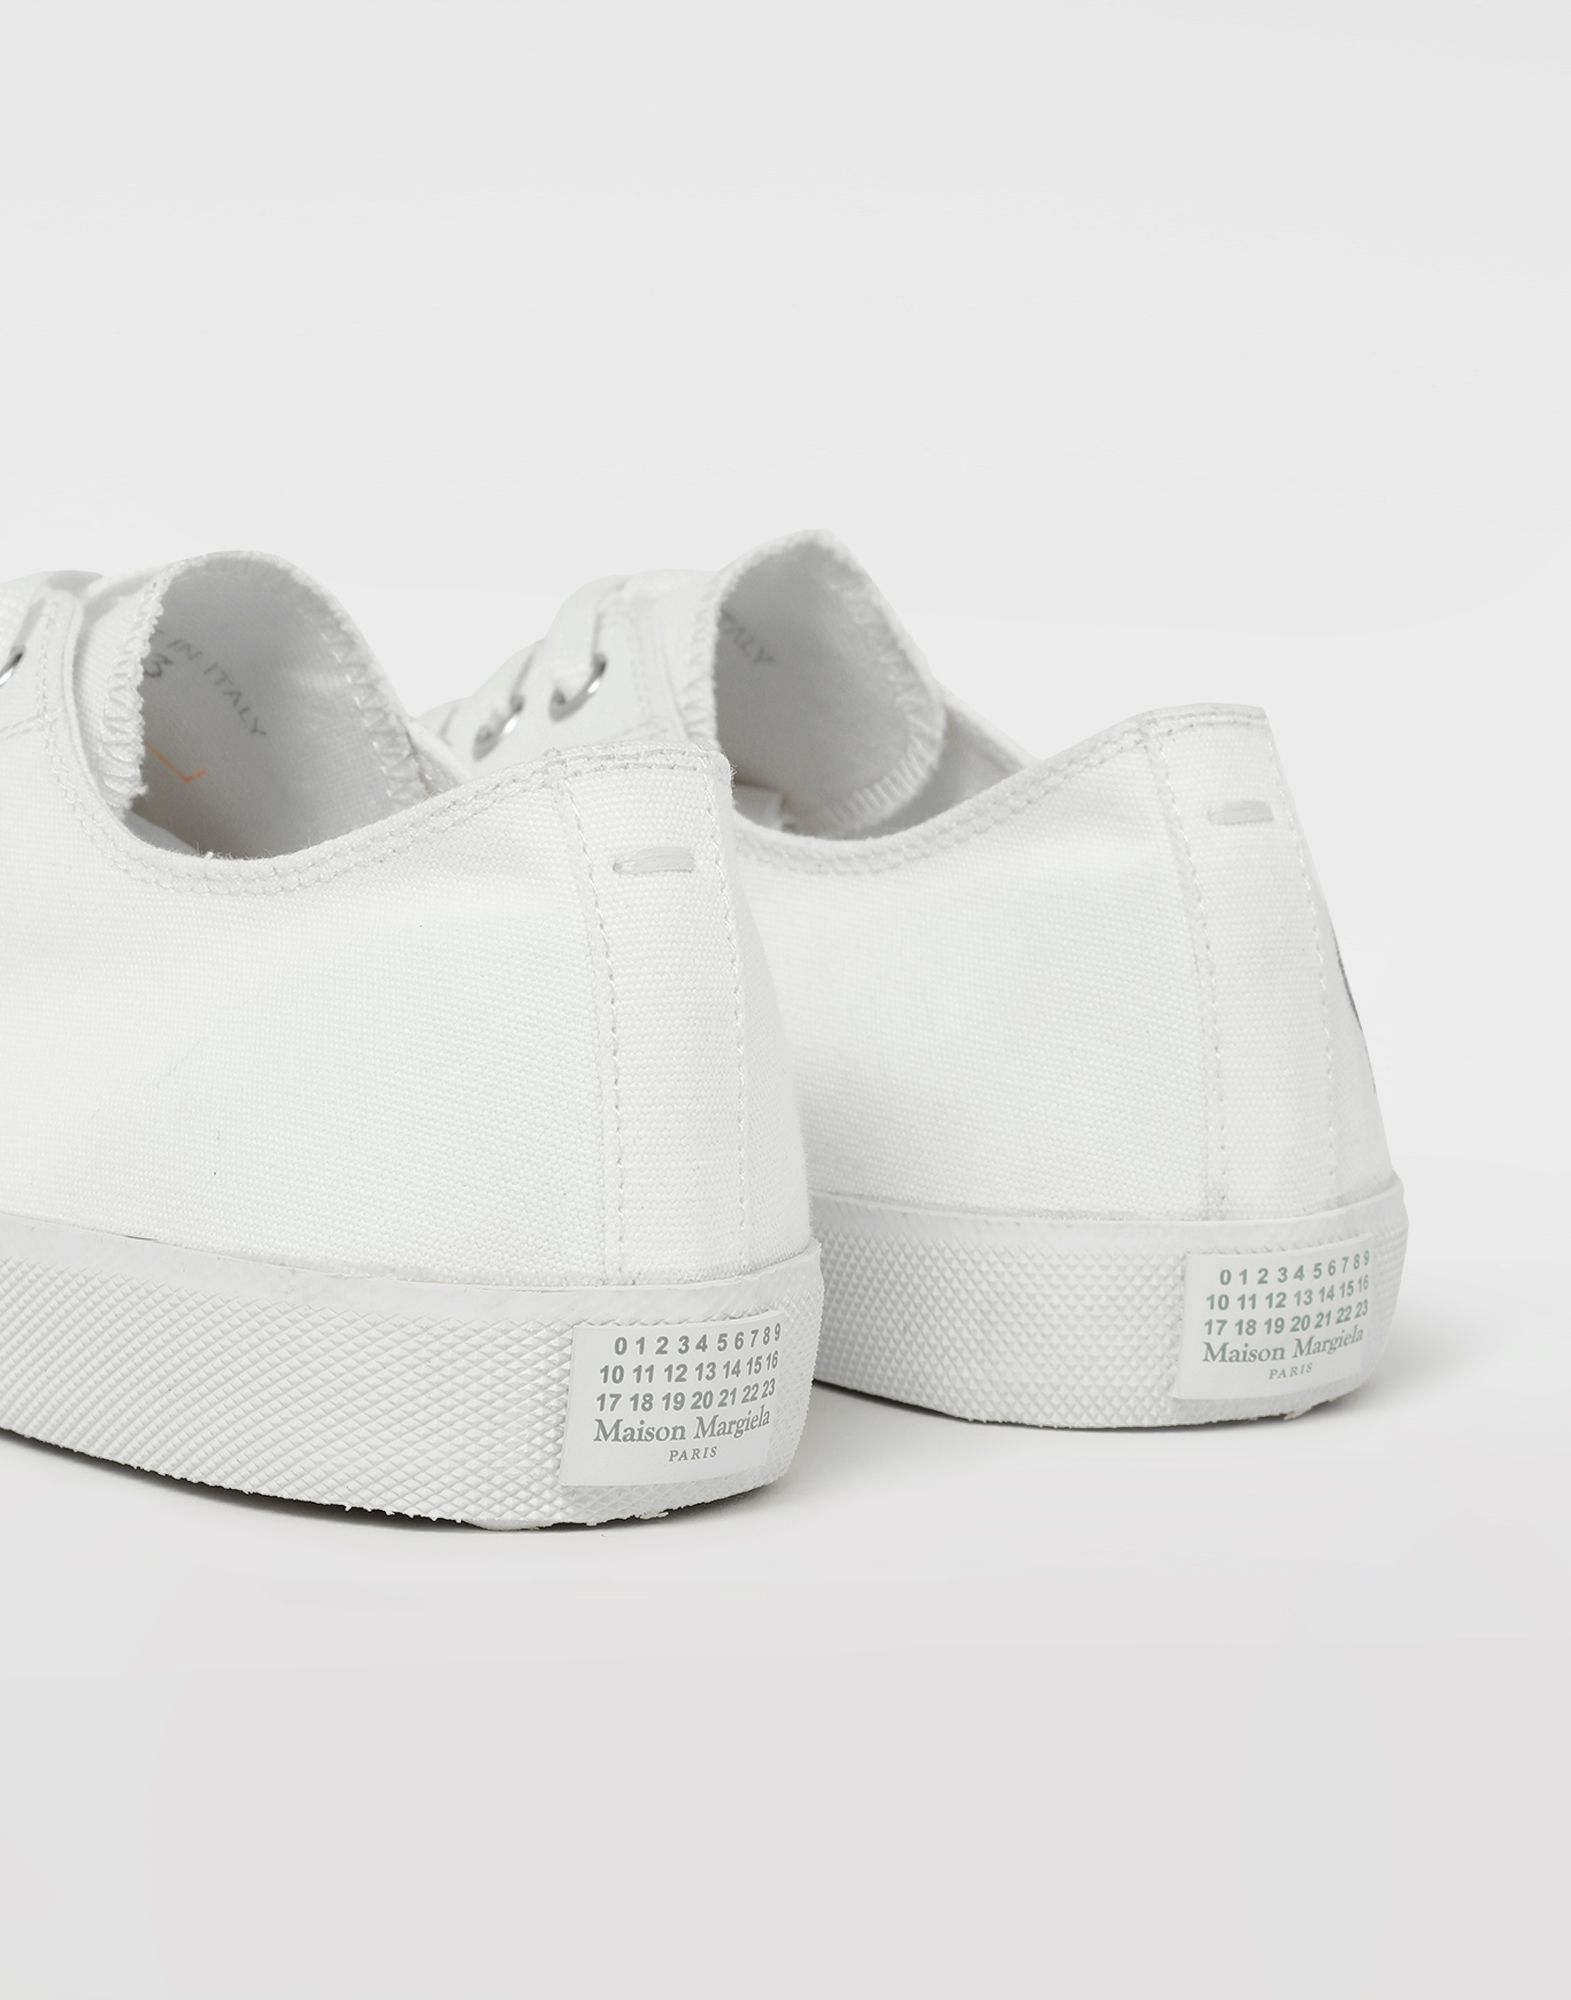 MAISON MARGIELA Tabi paint drop sneakers Sneakers Tabi Man a